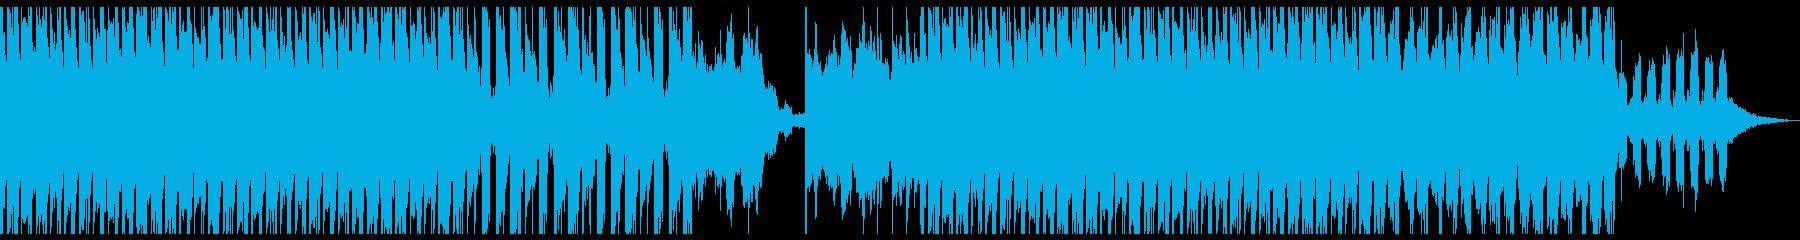 ファットアンドファンキーエレクトロ...の再生済みの波形